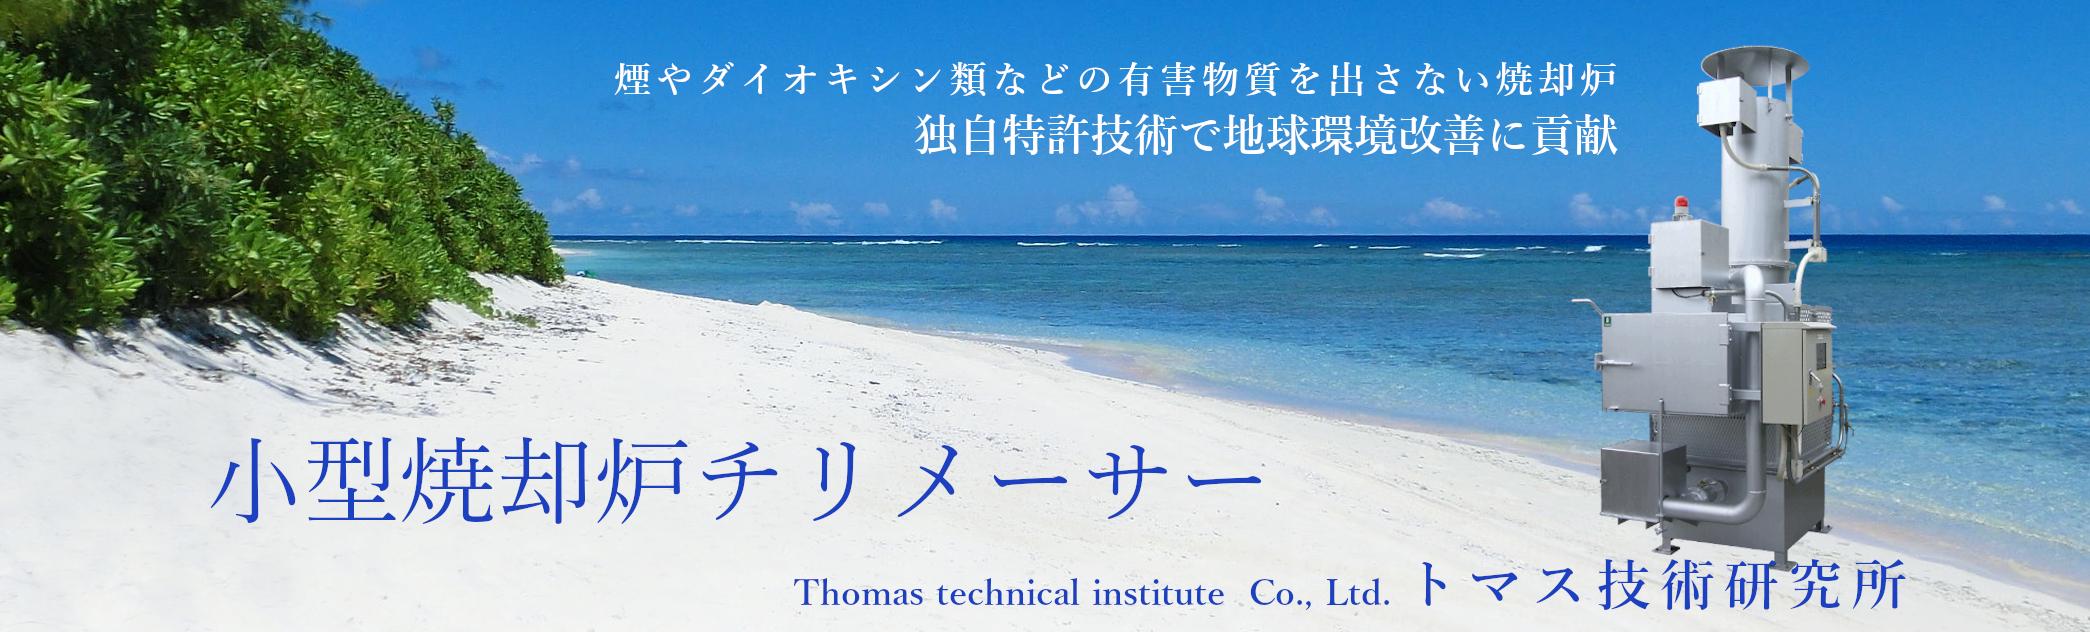 トマス技術研究所